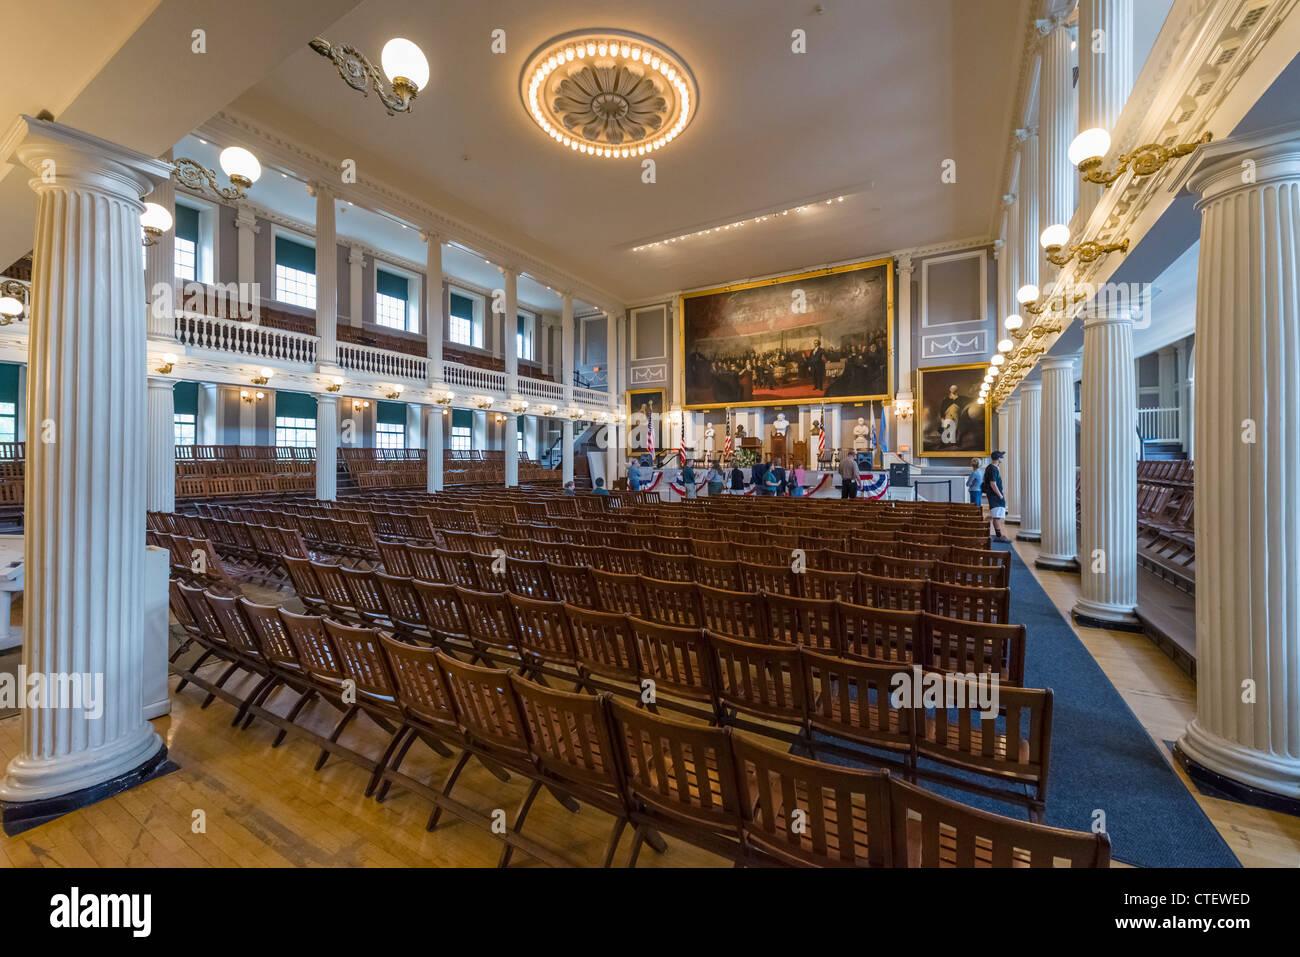 Interior de la histórica sala de reunión en el Faneuil Hall, Boston, Massachusetts, EE.UU. Imagen De Stock